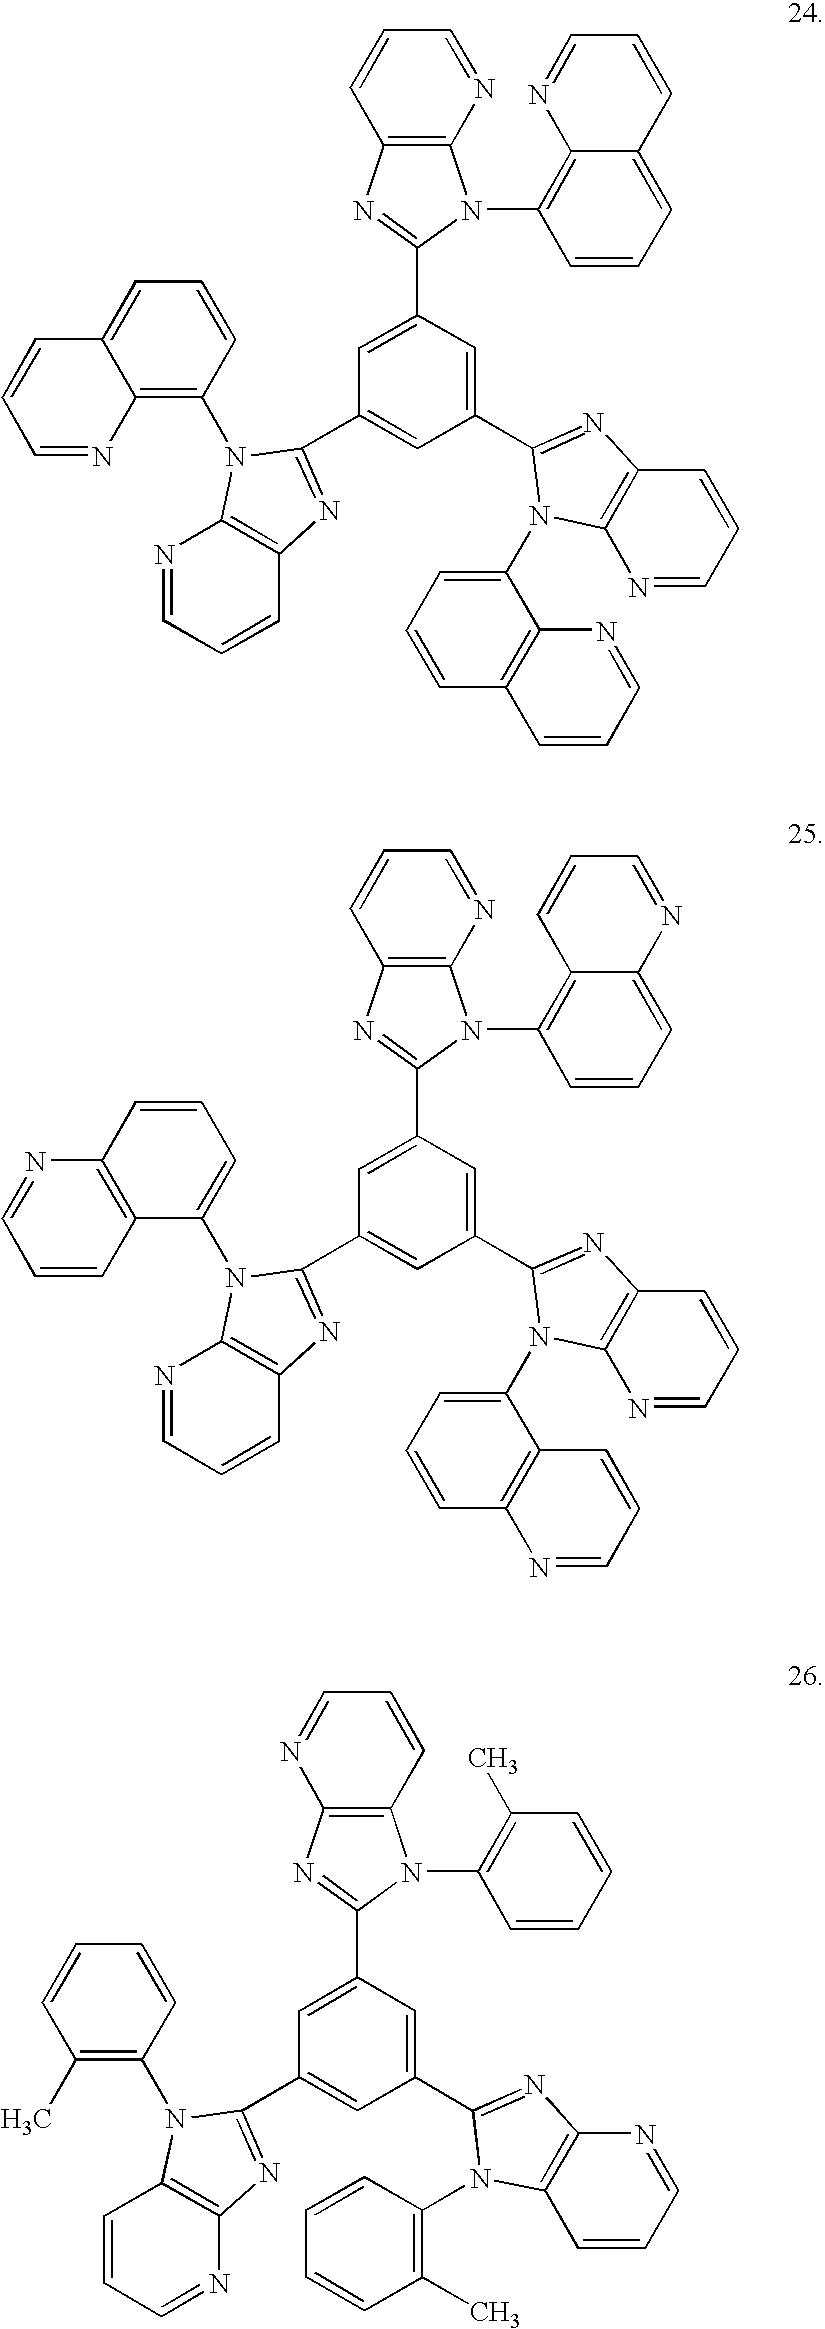 Figure US20060054987A1-20060316-C00003